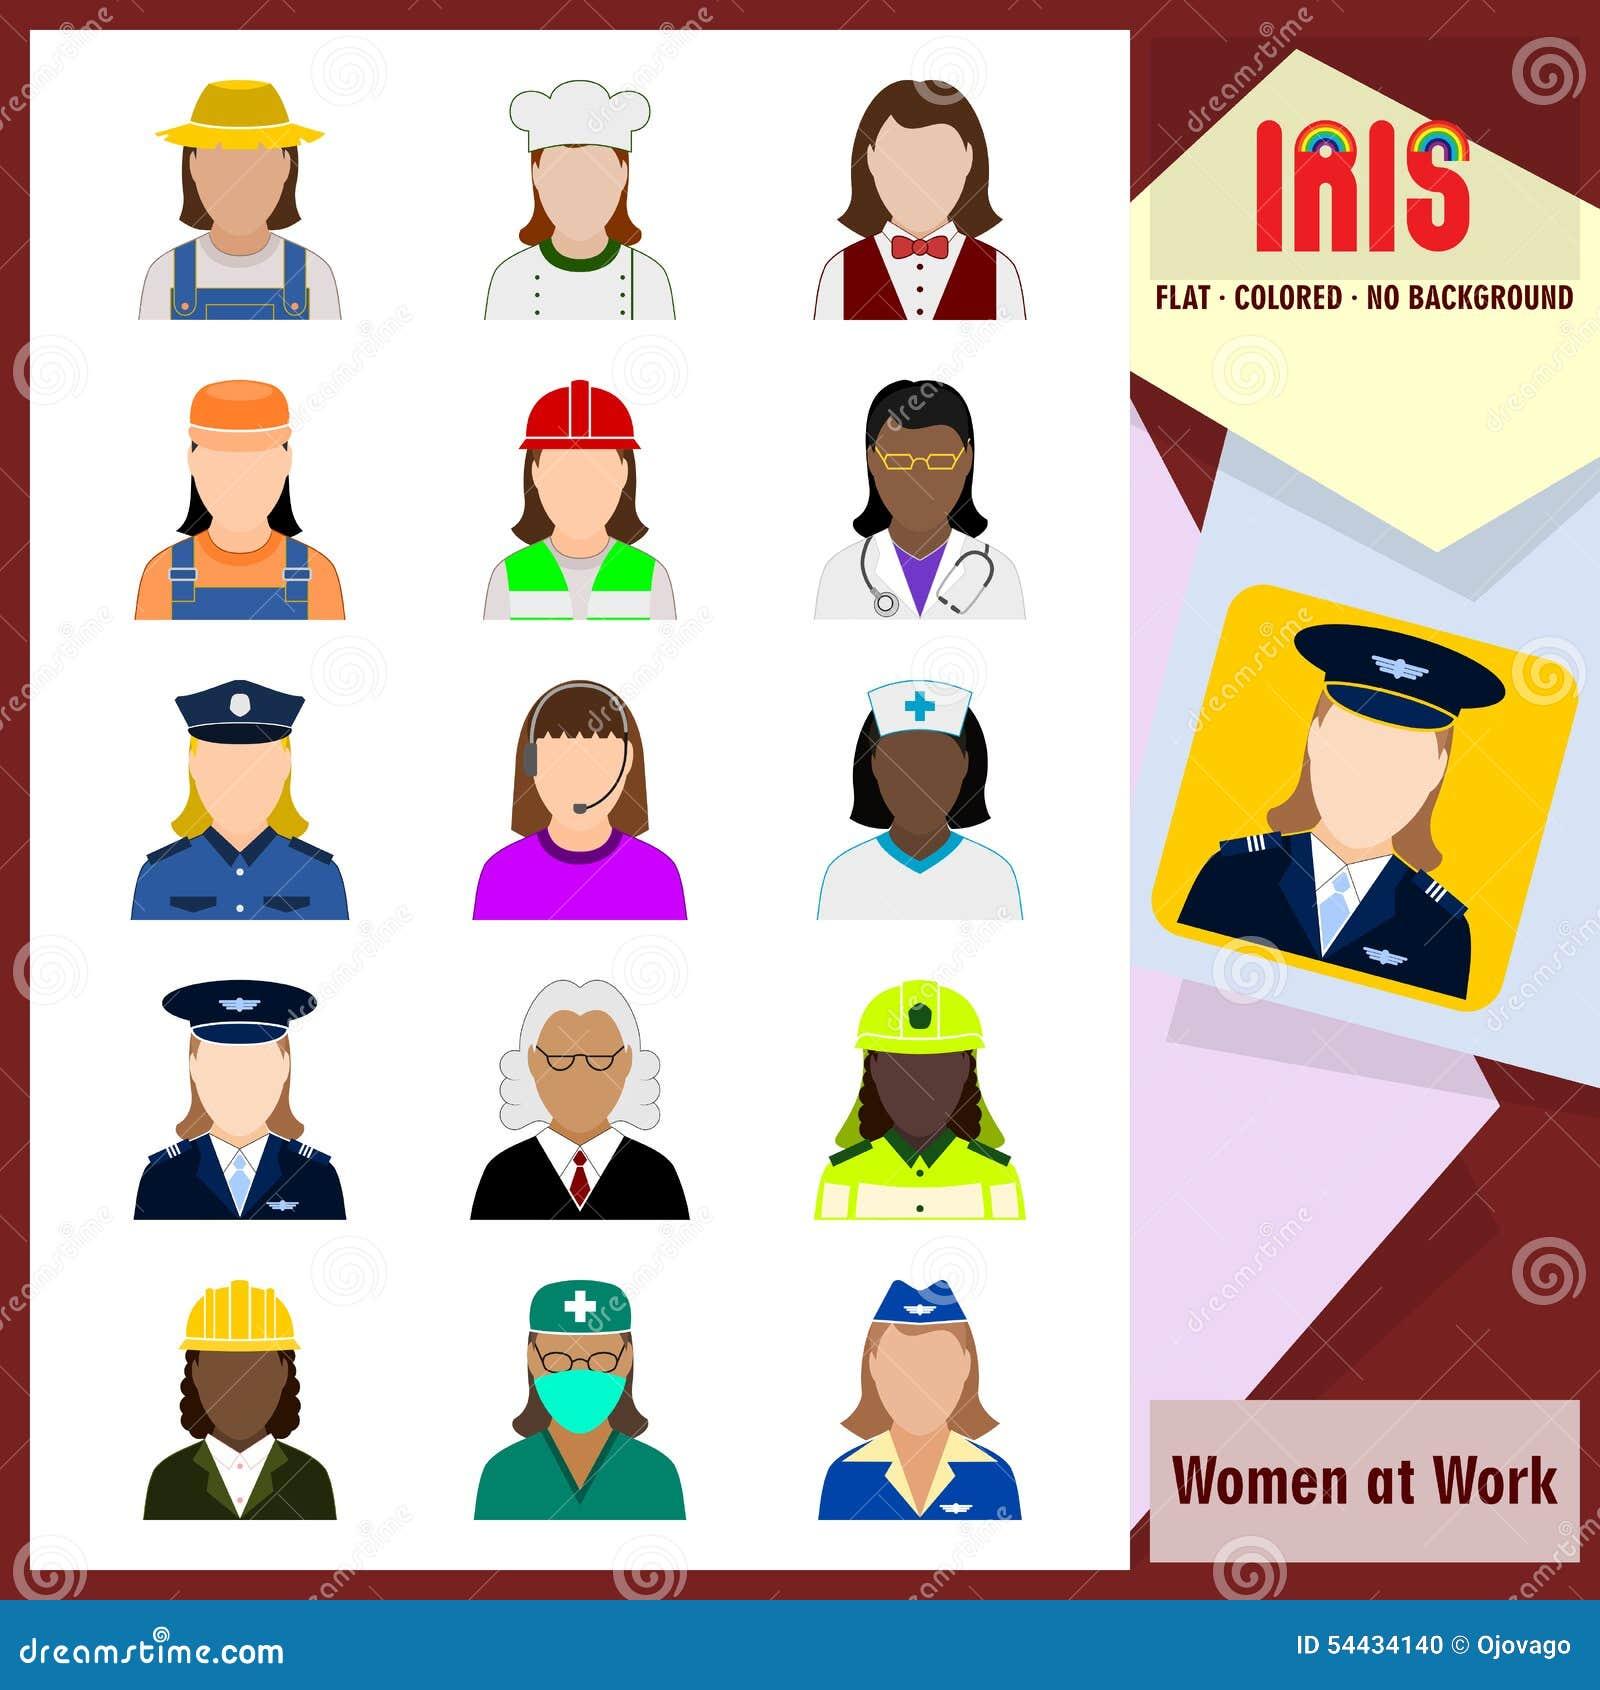 Iris Icons - femmes au travail Icônes plates colorées